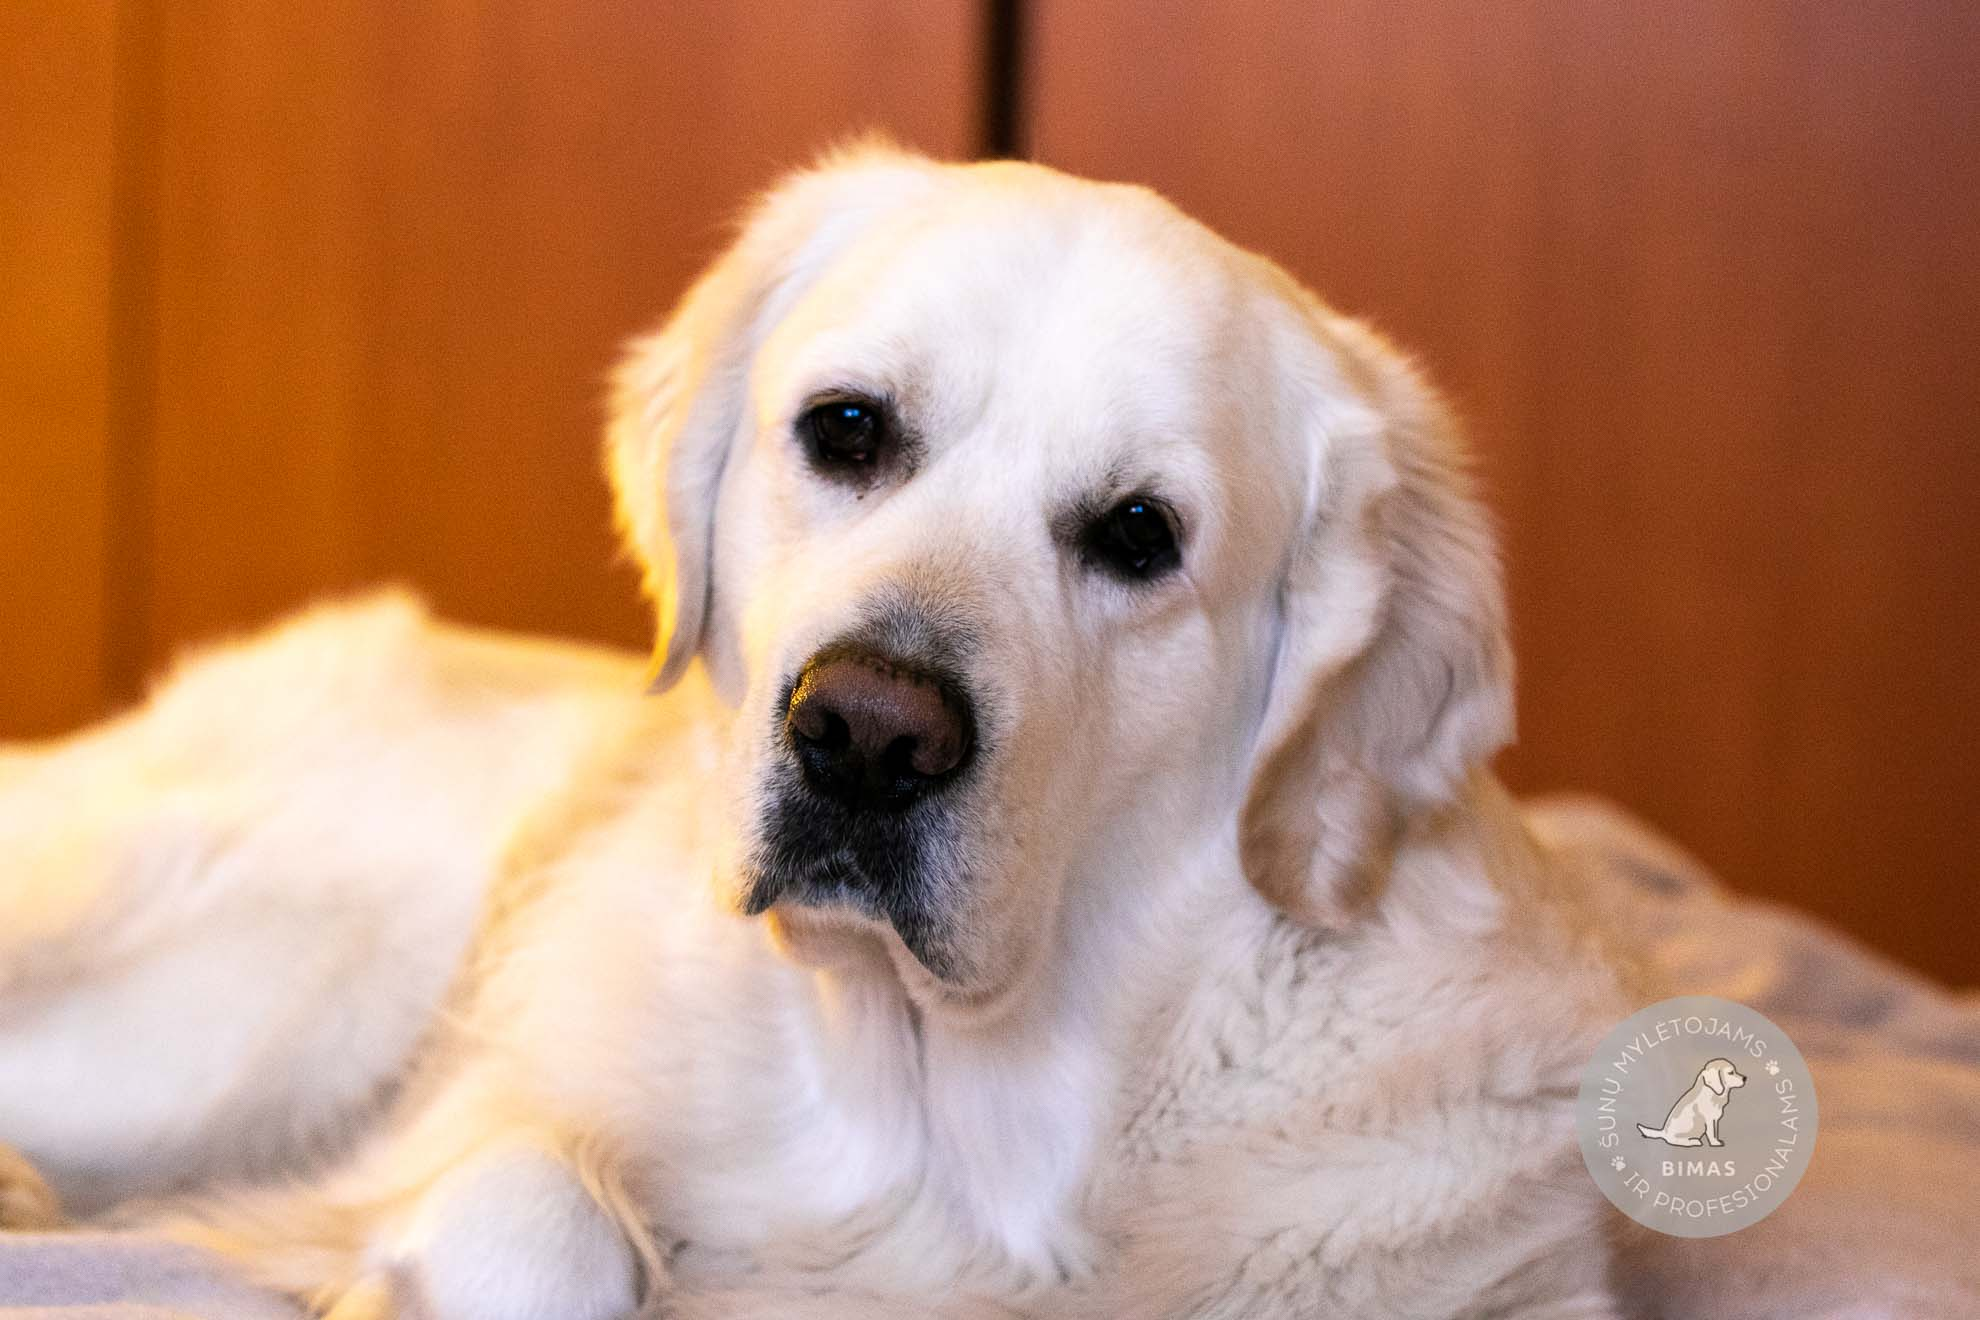 Kas yra suns nario dydis Kaip padidinti Pisyun greitai